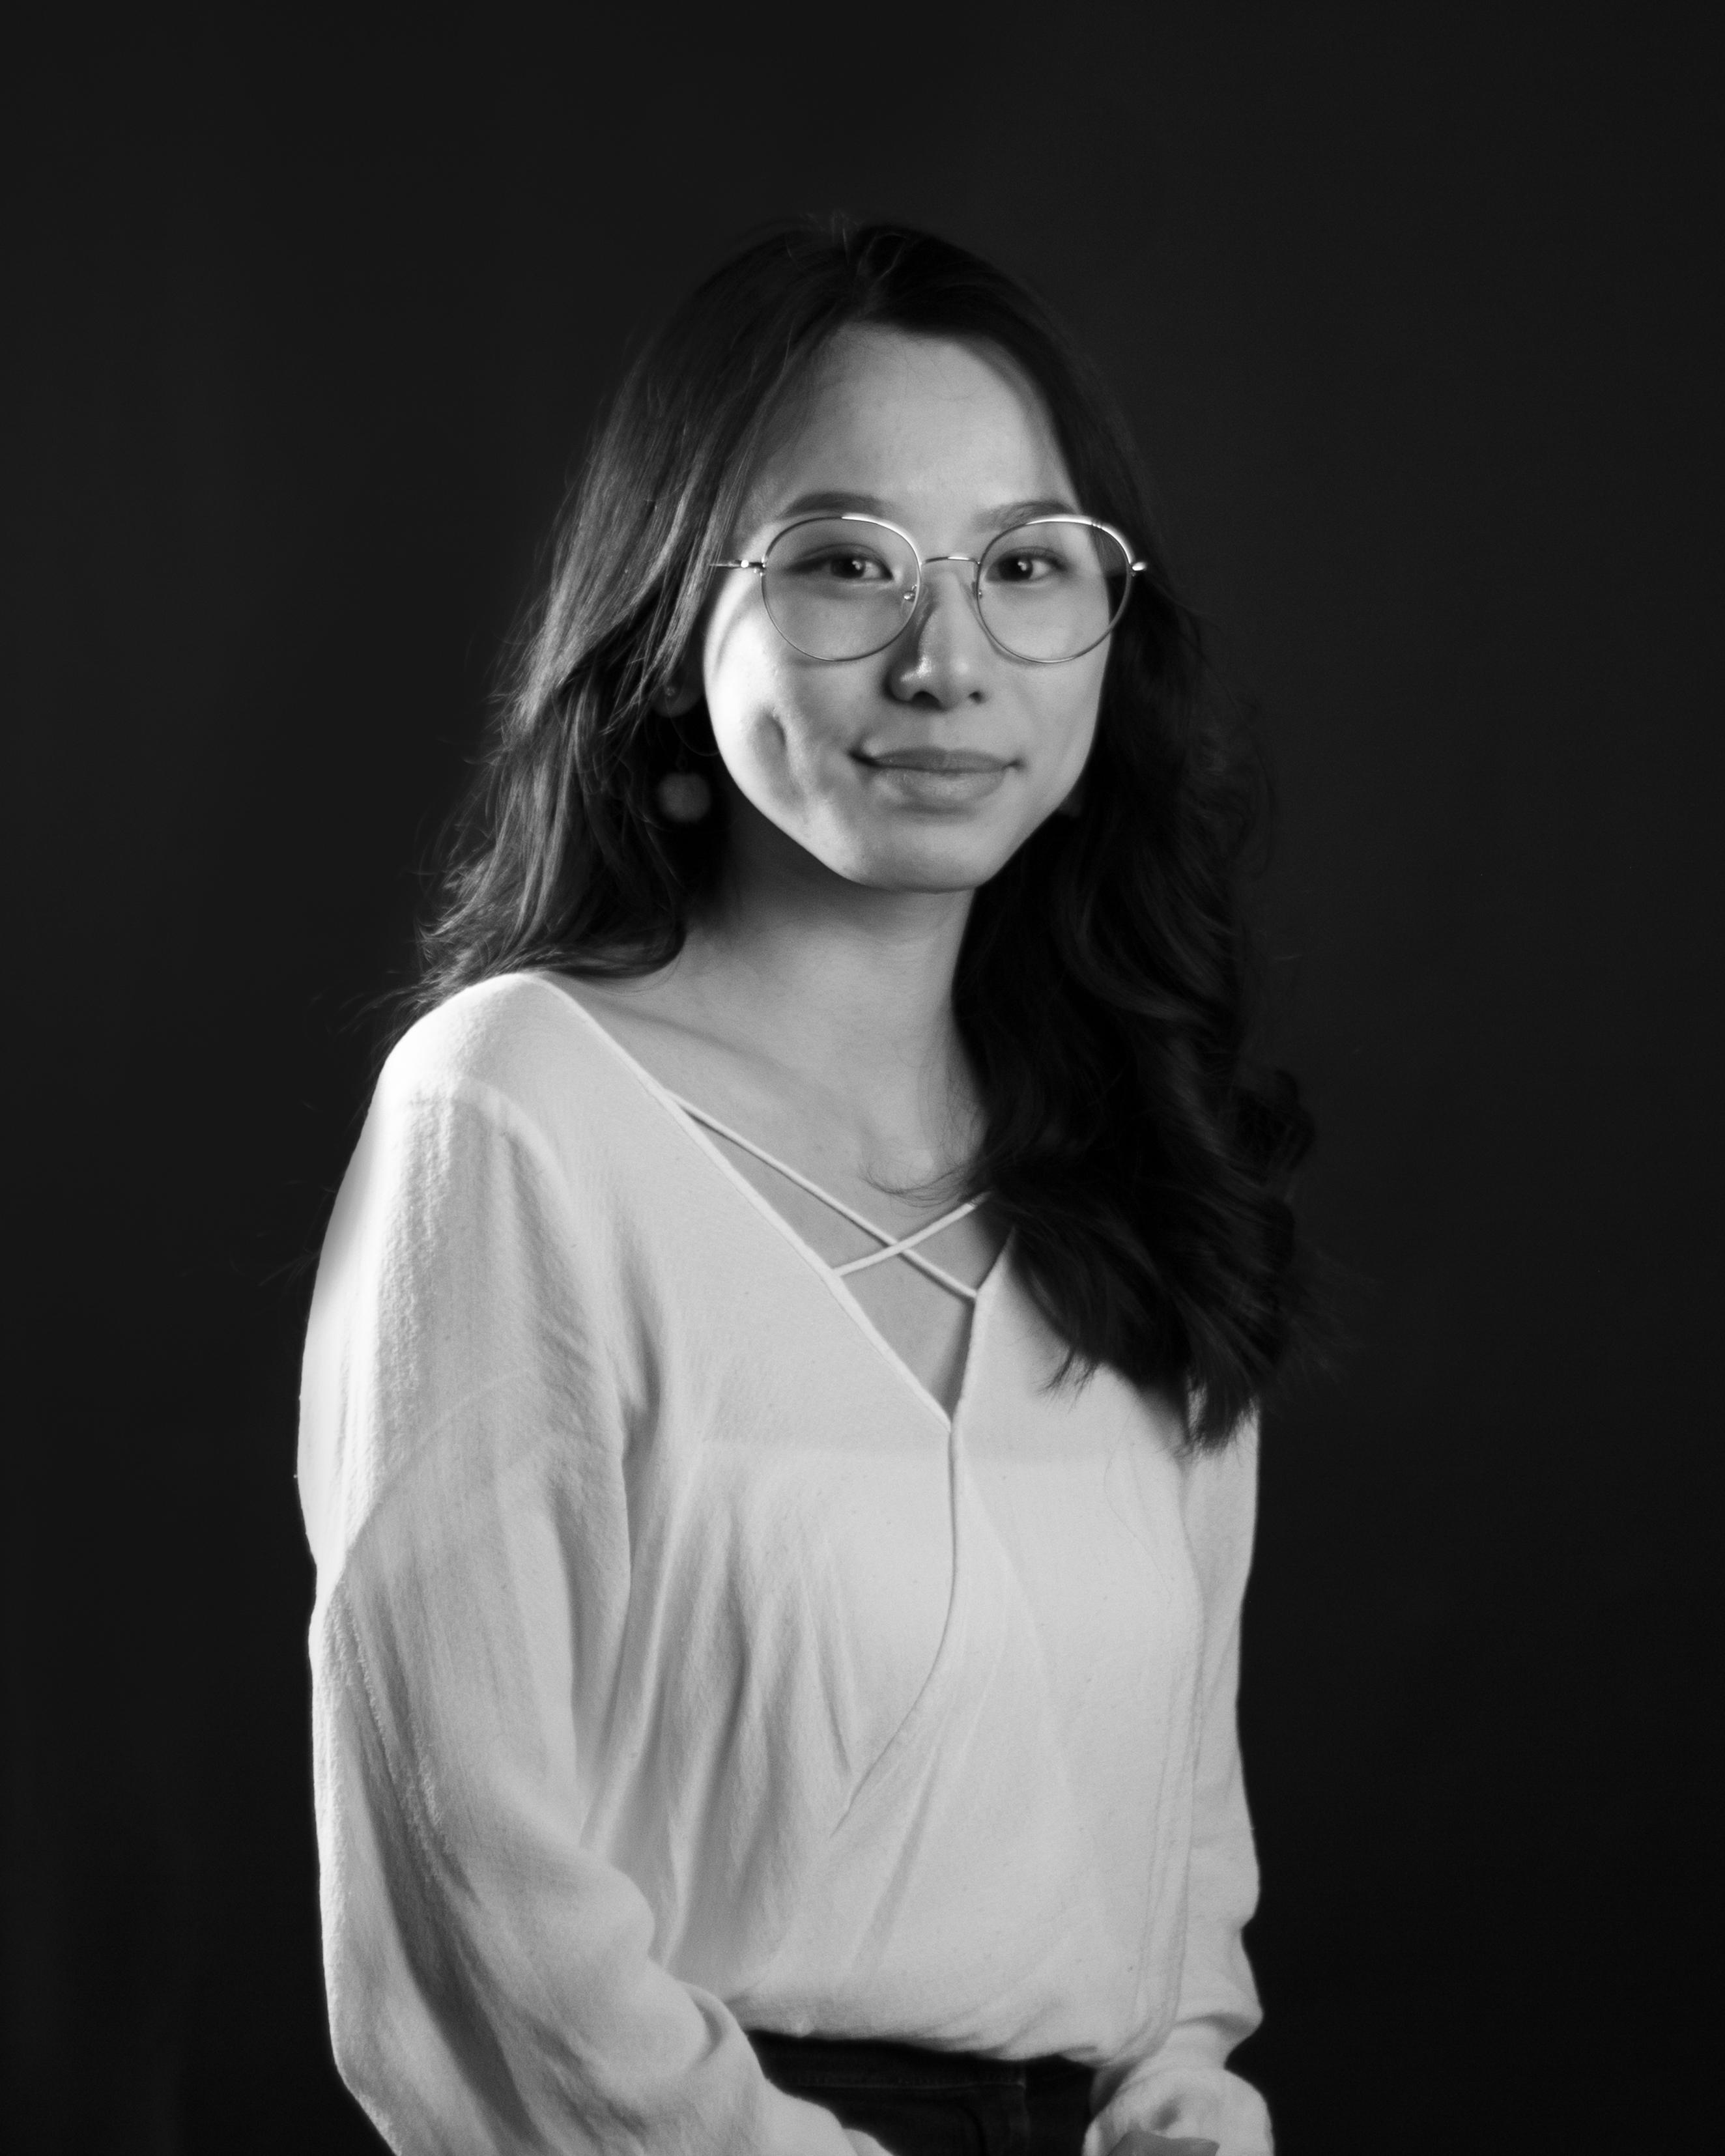 Anita Zeng